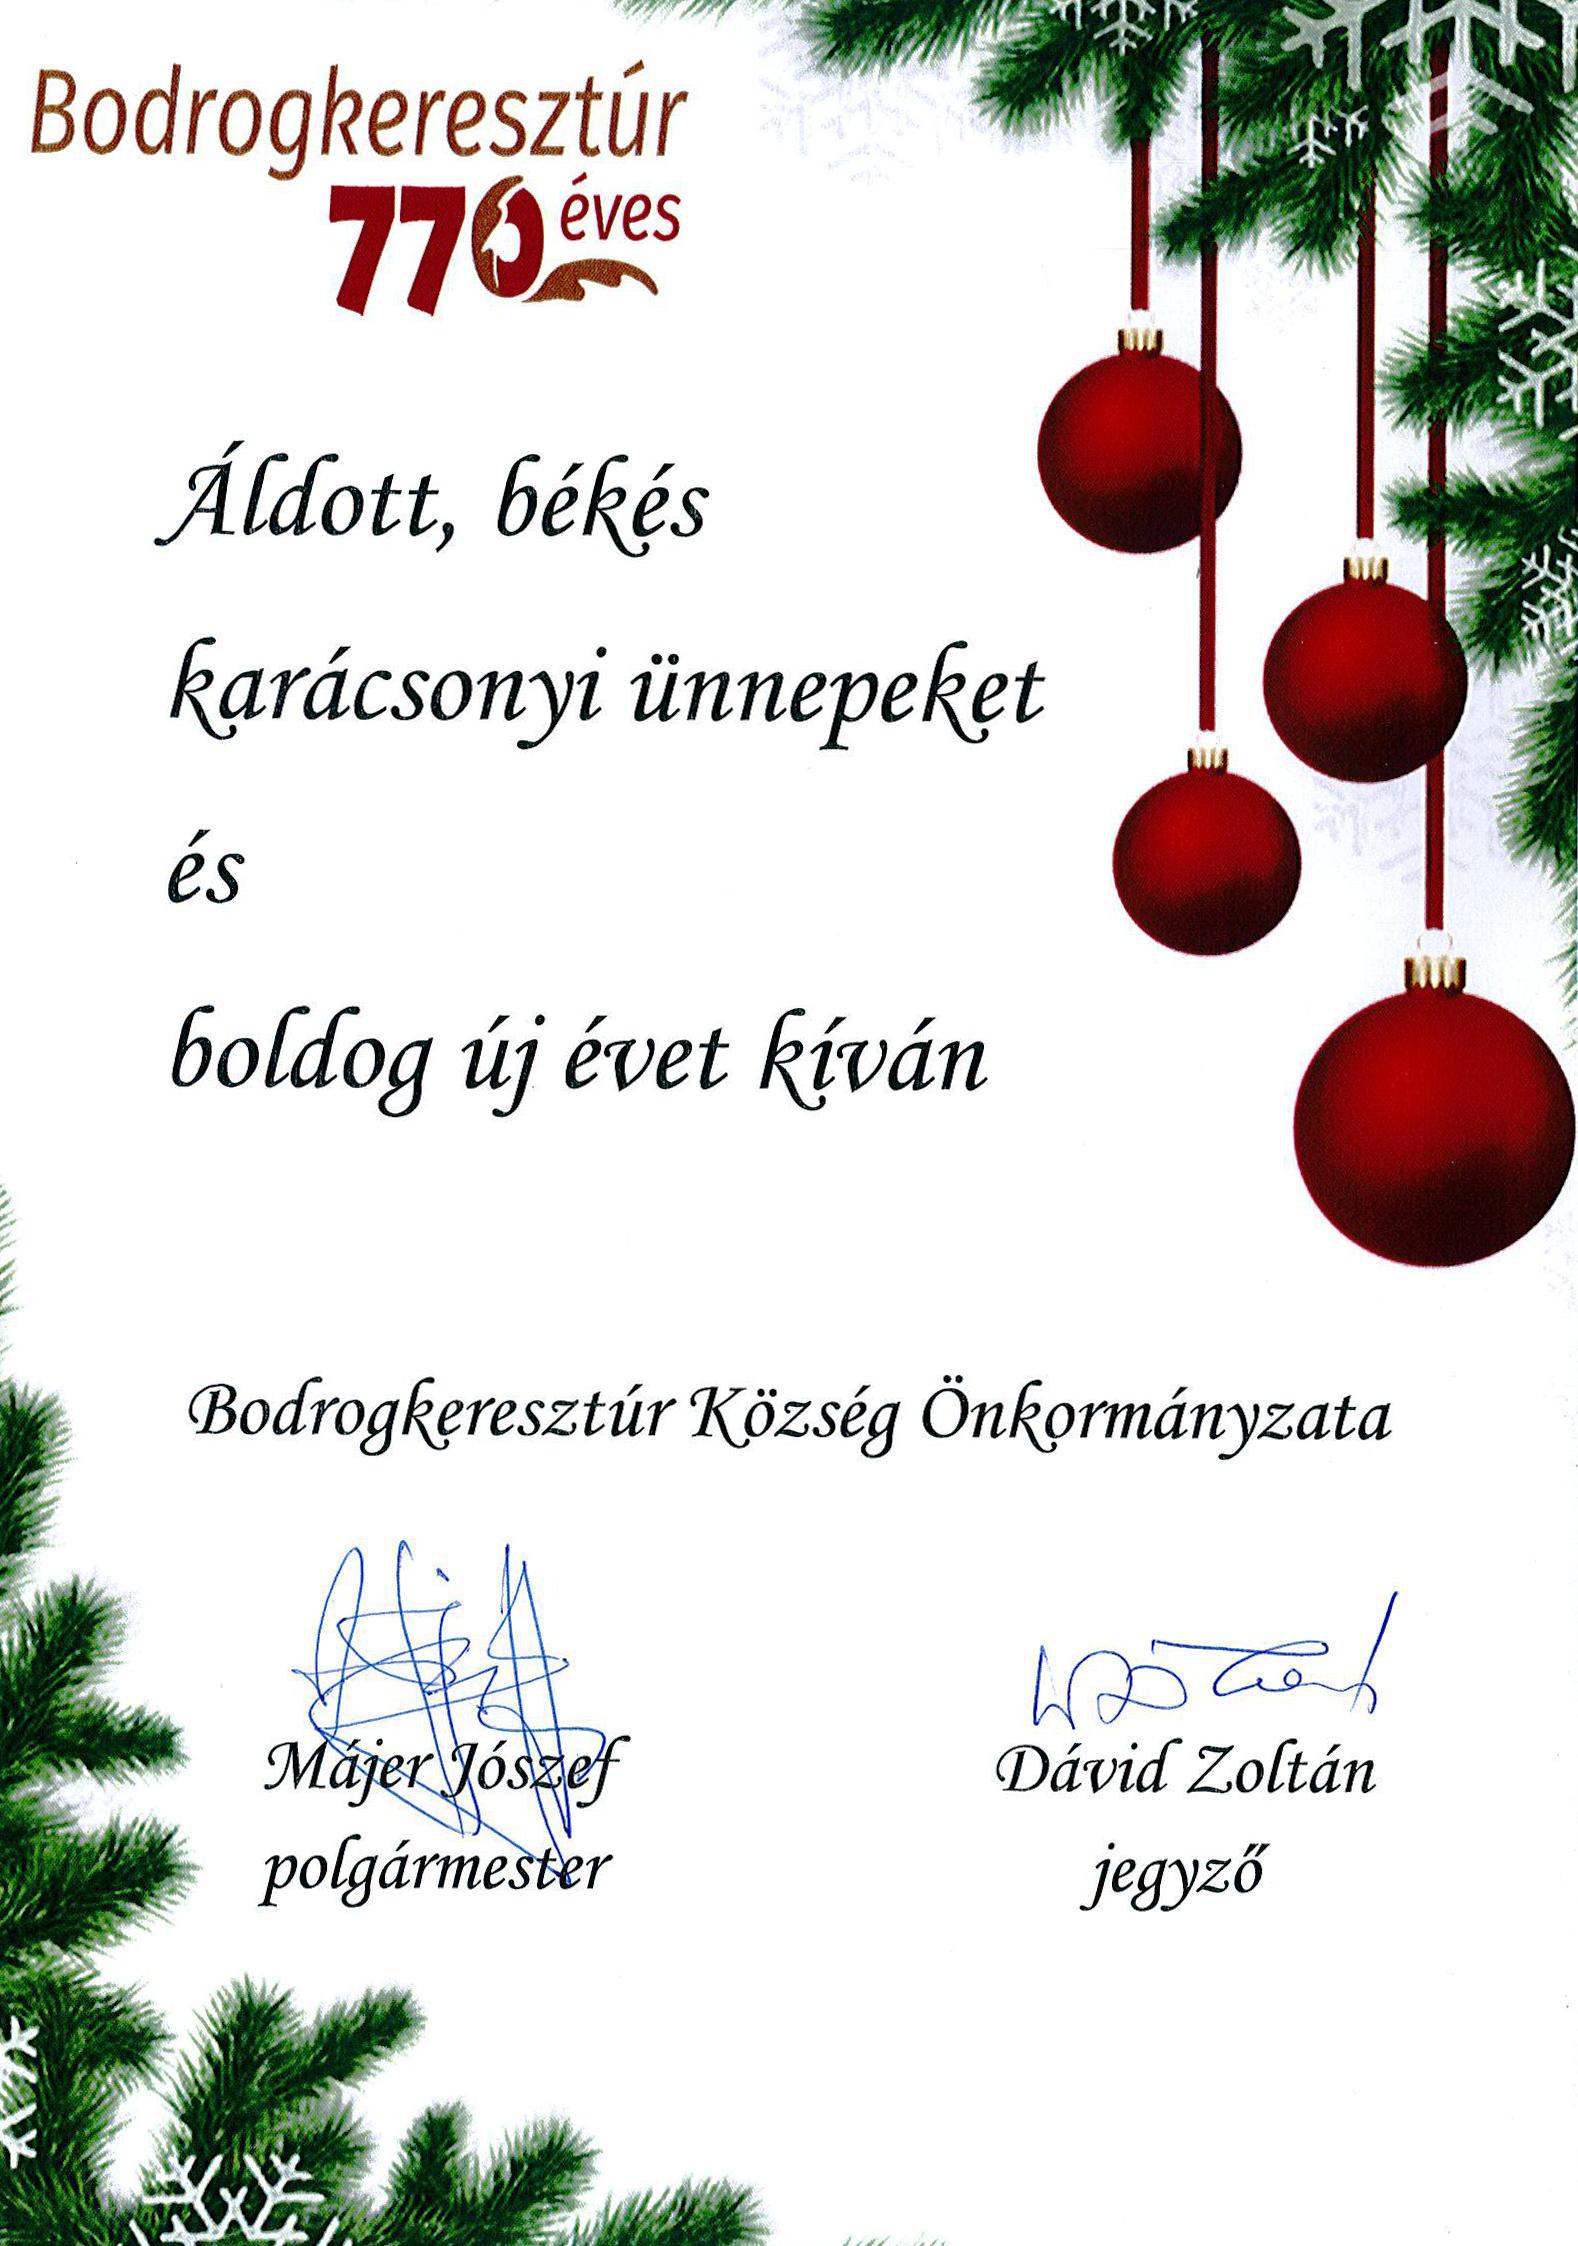 Polgármester karácsonyi köszöntője